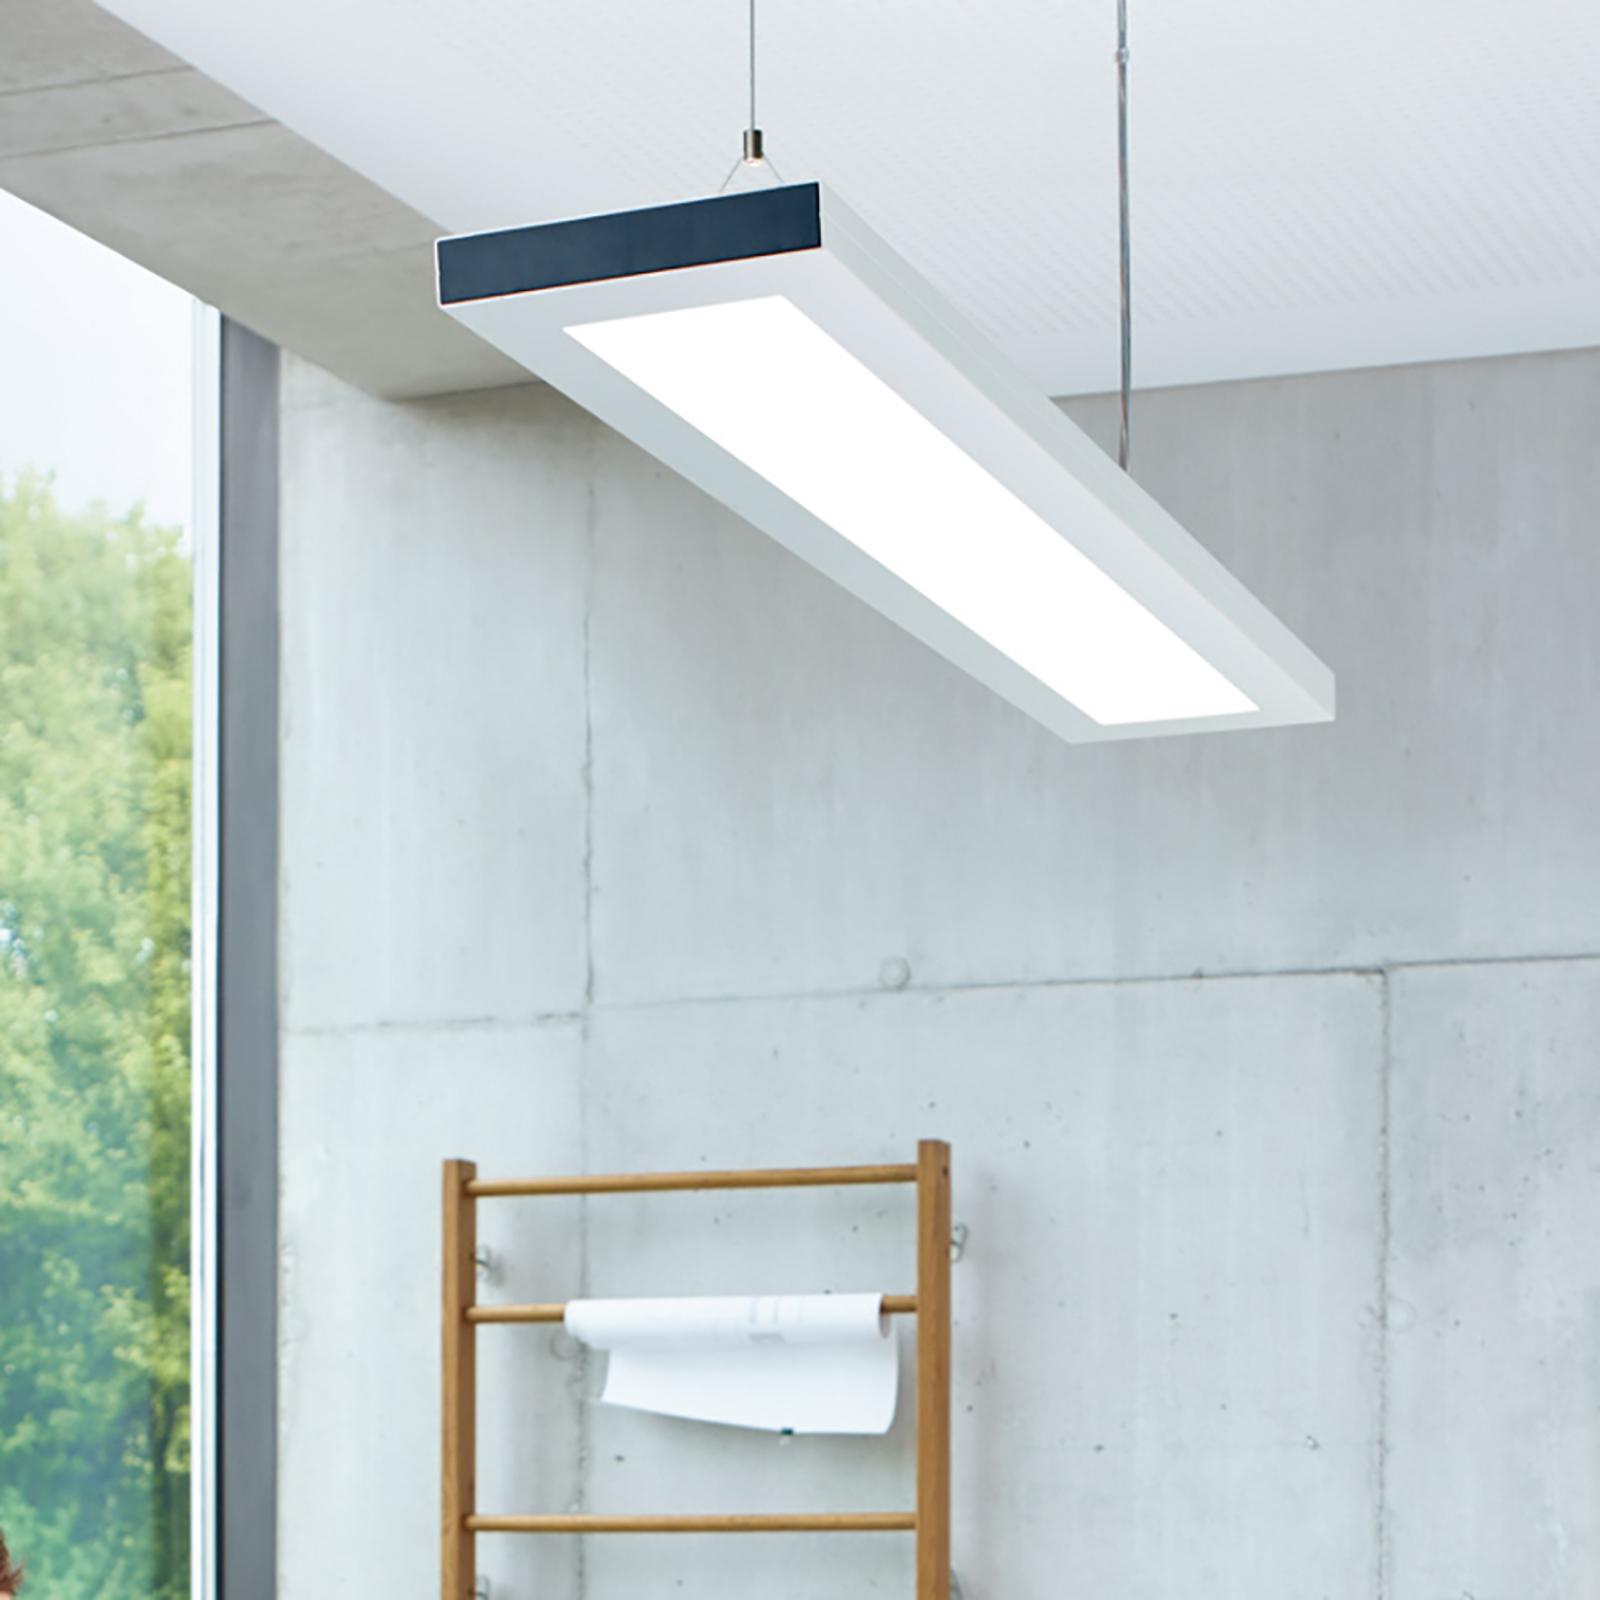 LED-riippuvalo Lavigo DPP16000/840/D EL valkoinen